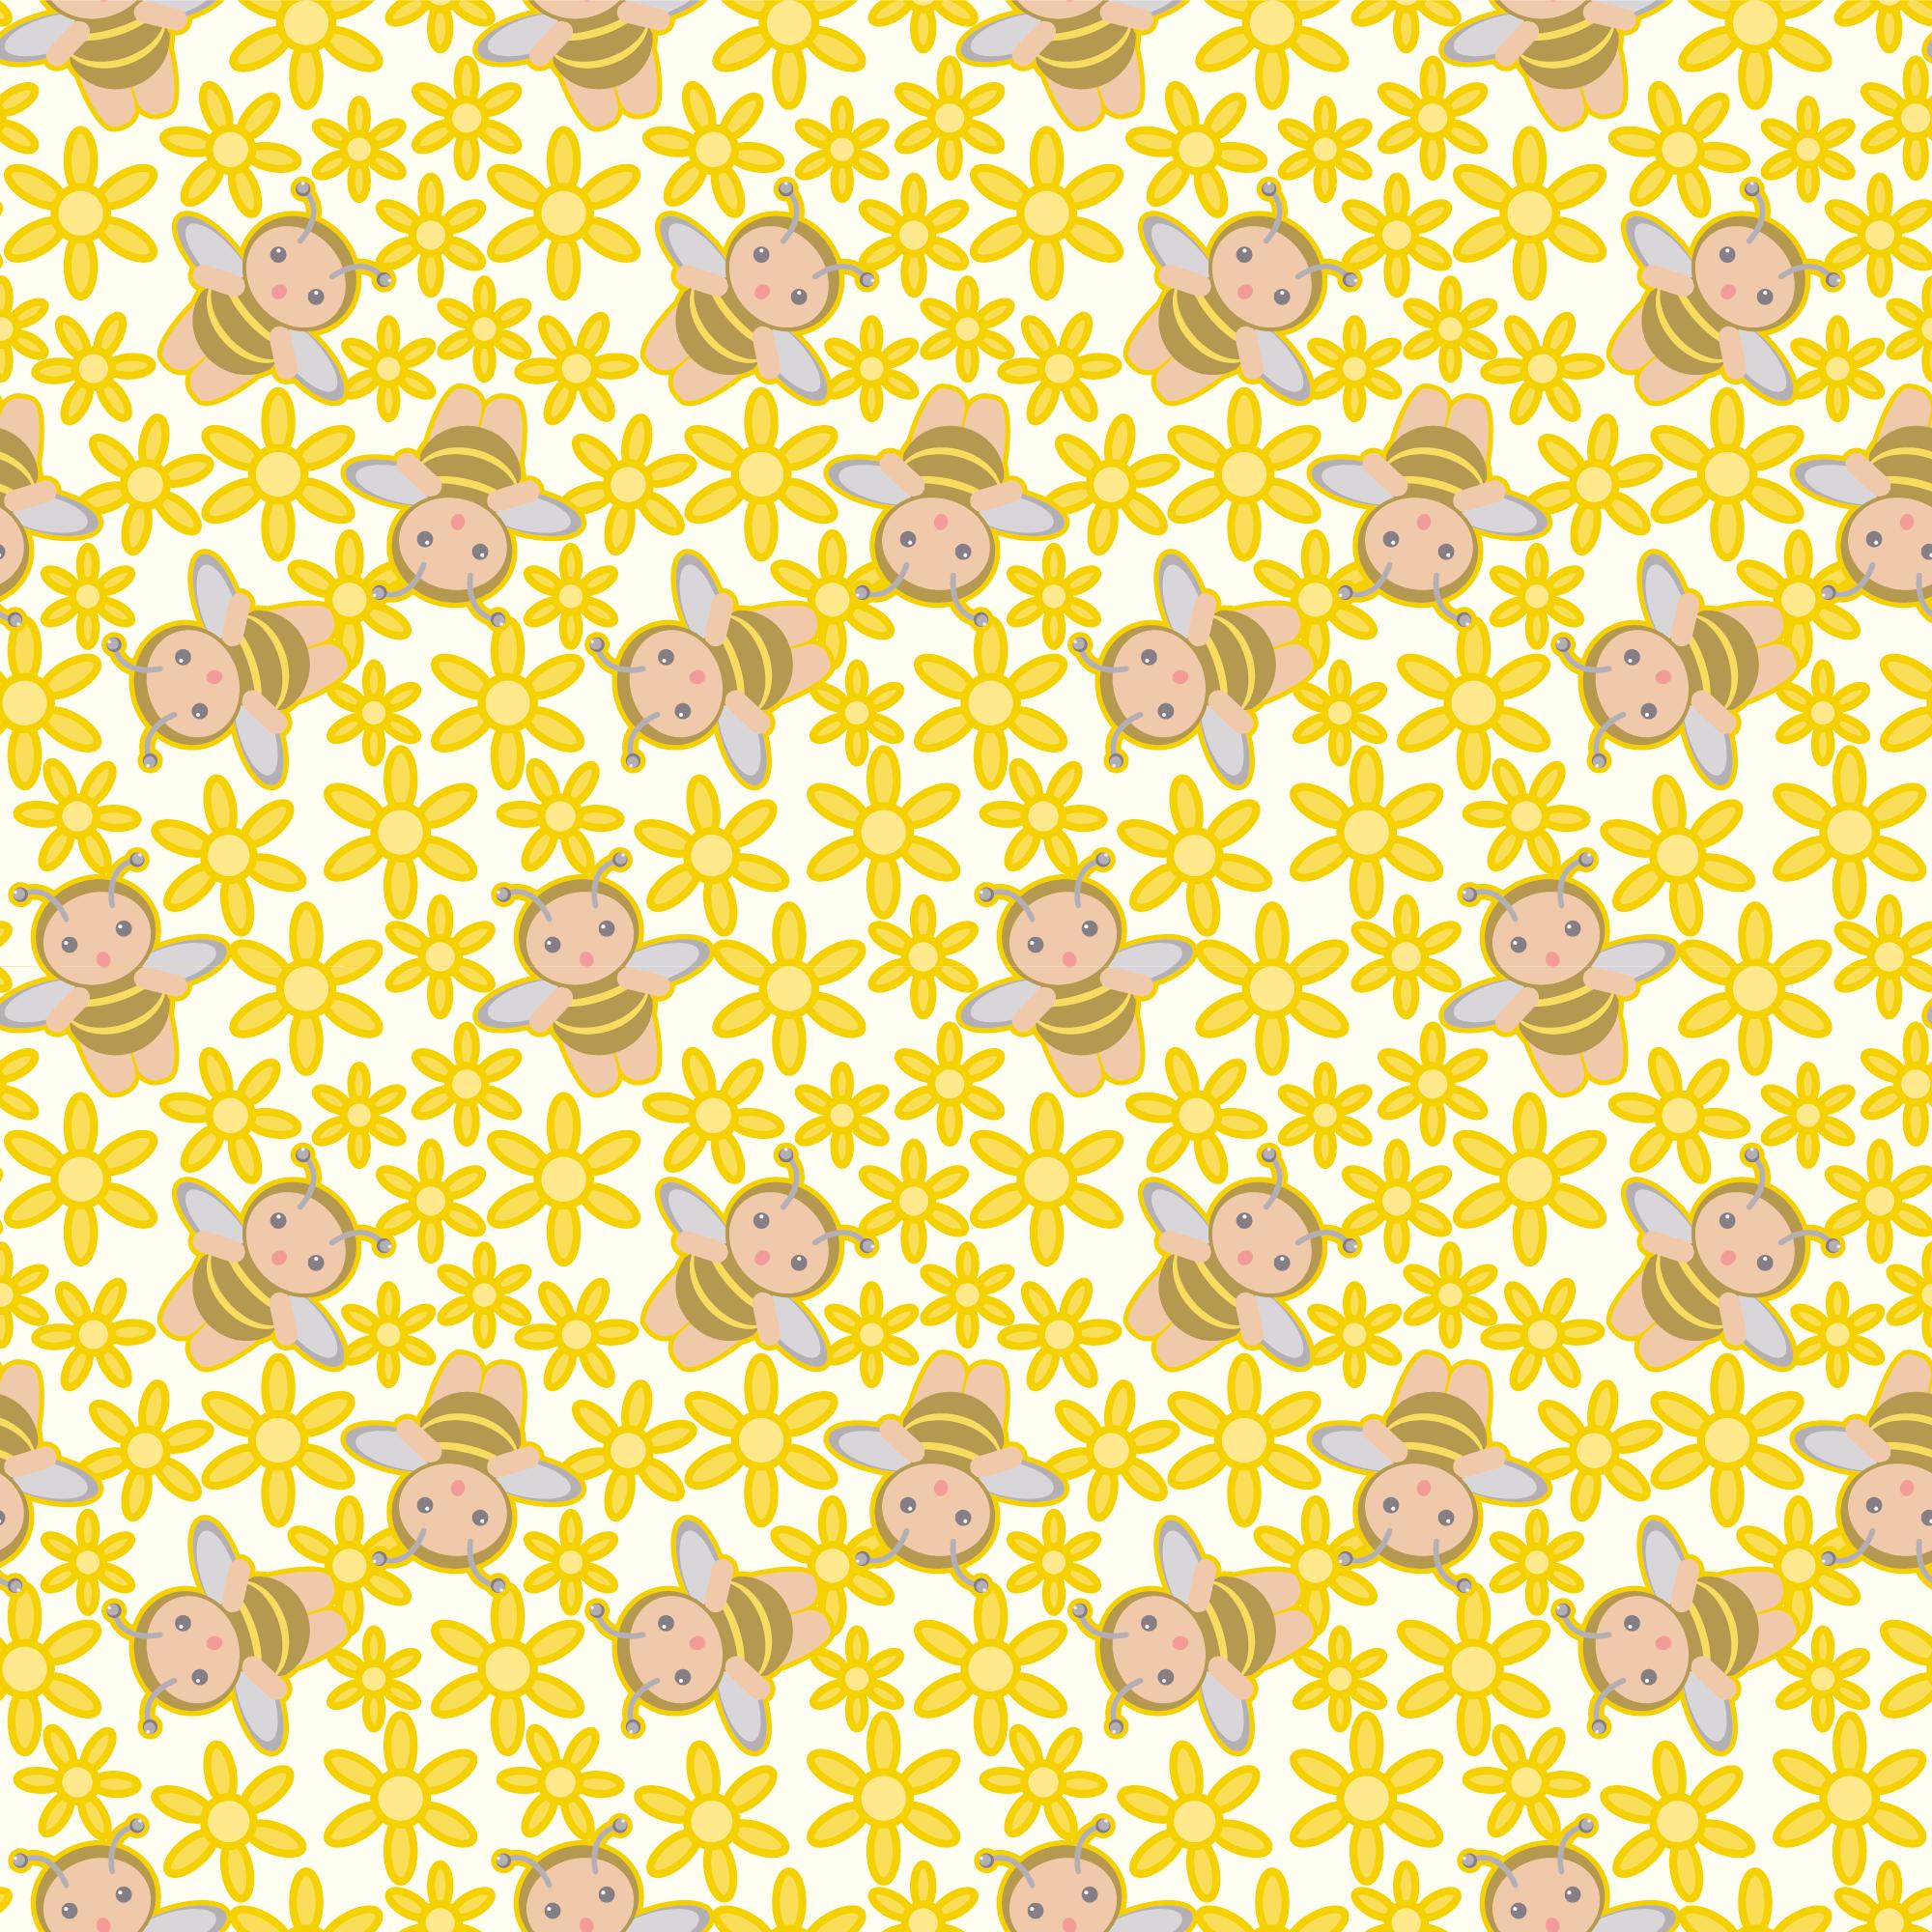 花の壁紙 背景のイラスト 画像no 028 壁紙 花とミツバチ 無料の